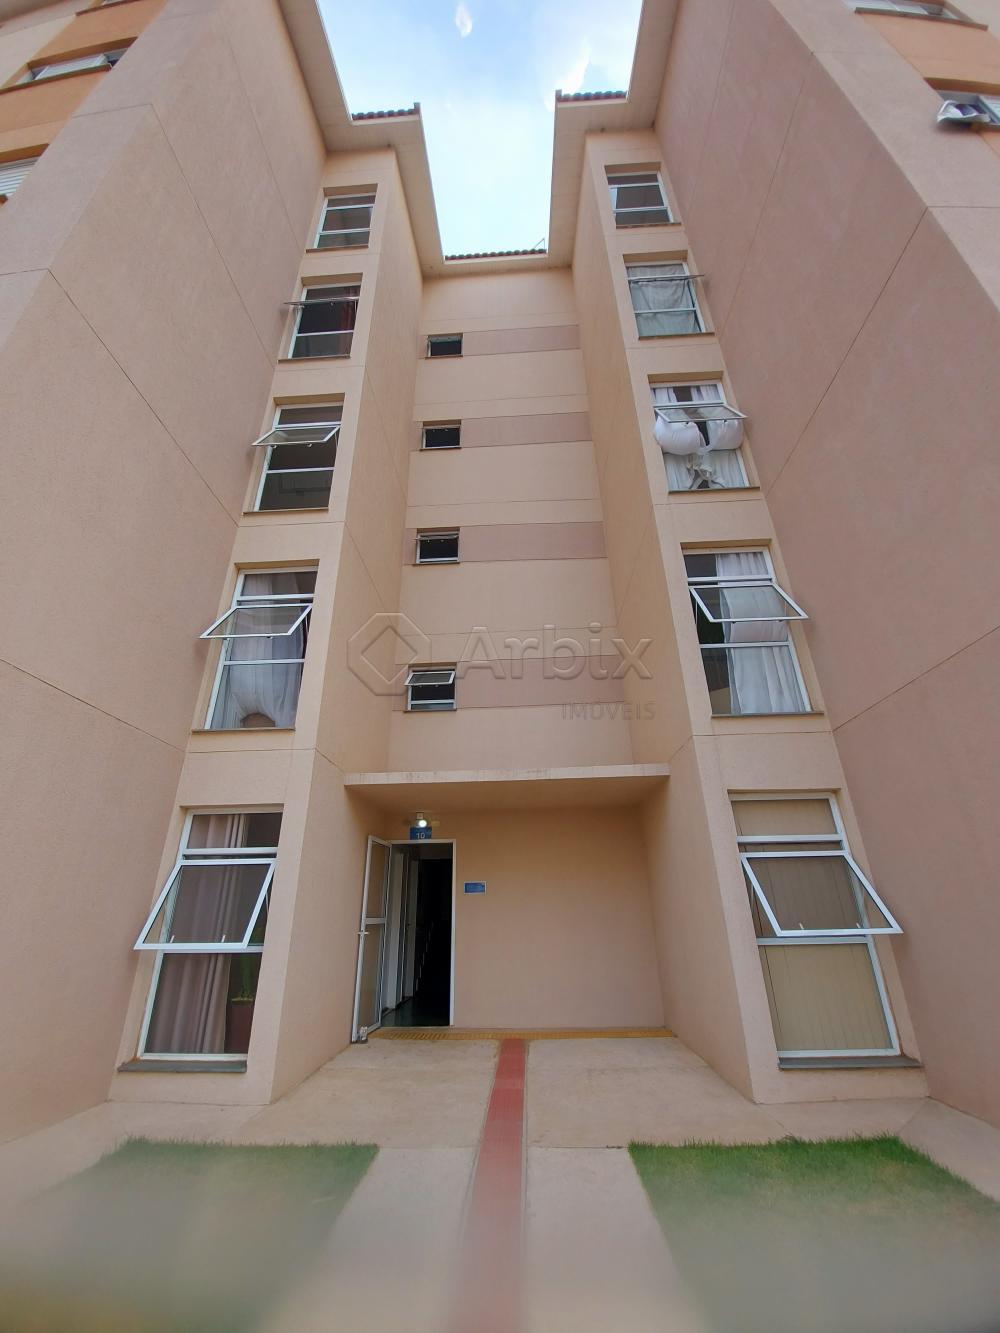 Alugar Apartamento / Padrão em Santa Bárbara D`Oeste apenas R$ 600,00 - Foto 1